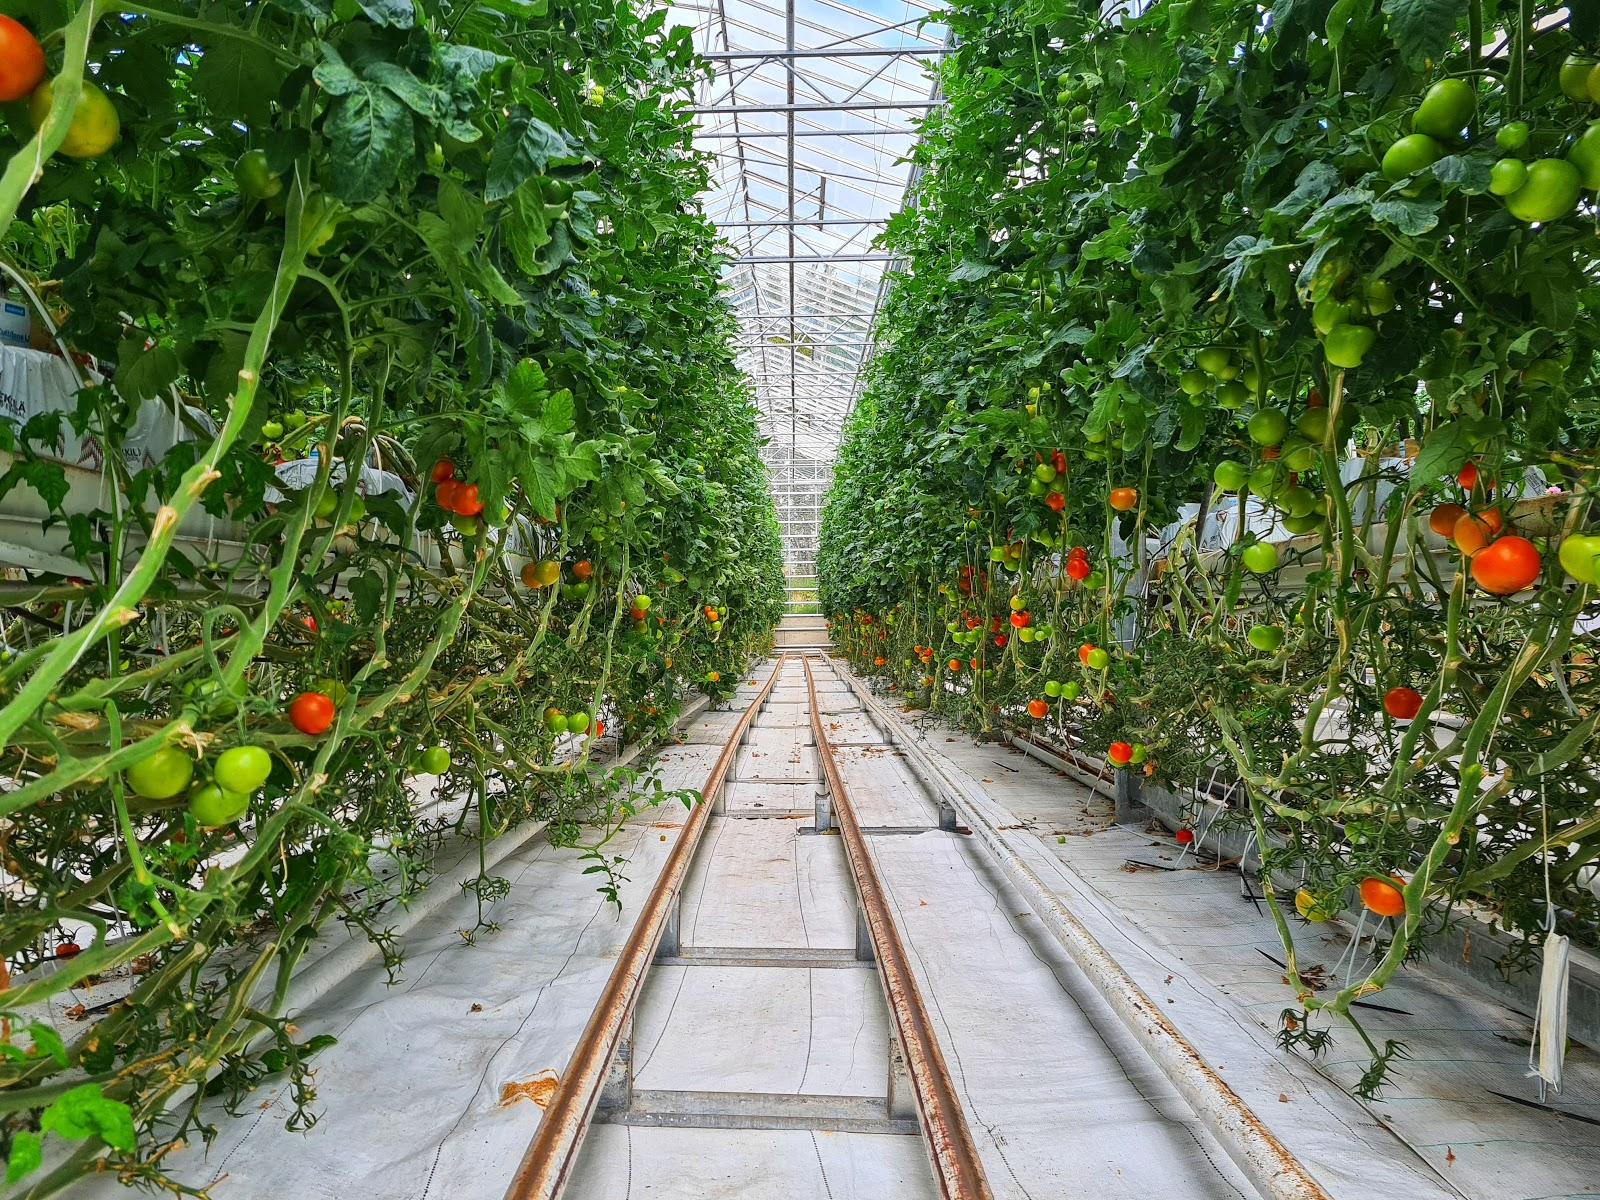 produce grown inside an indoor farm